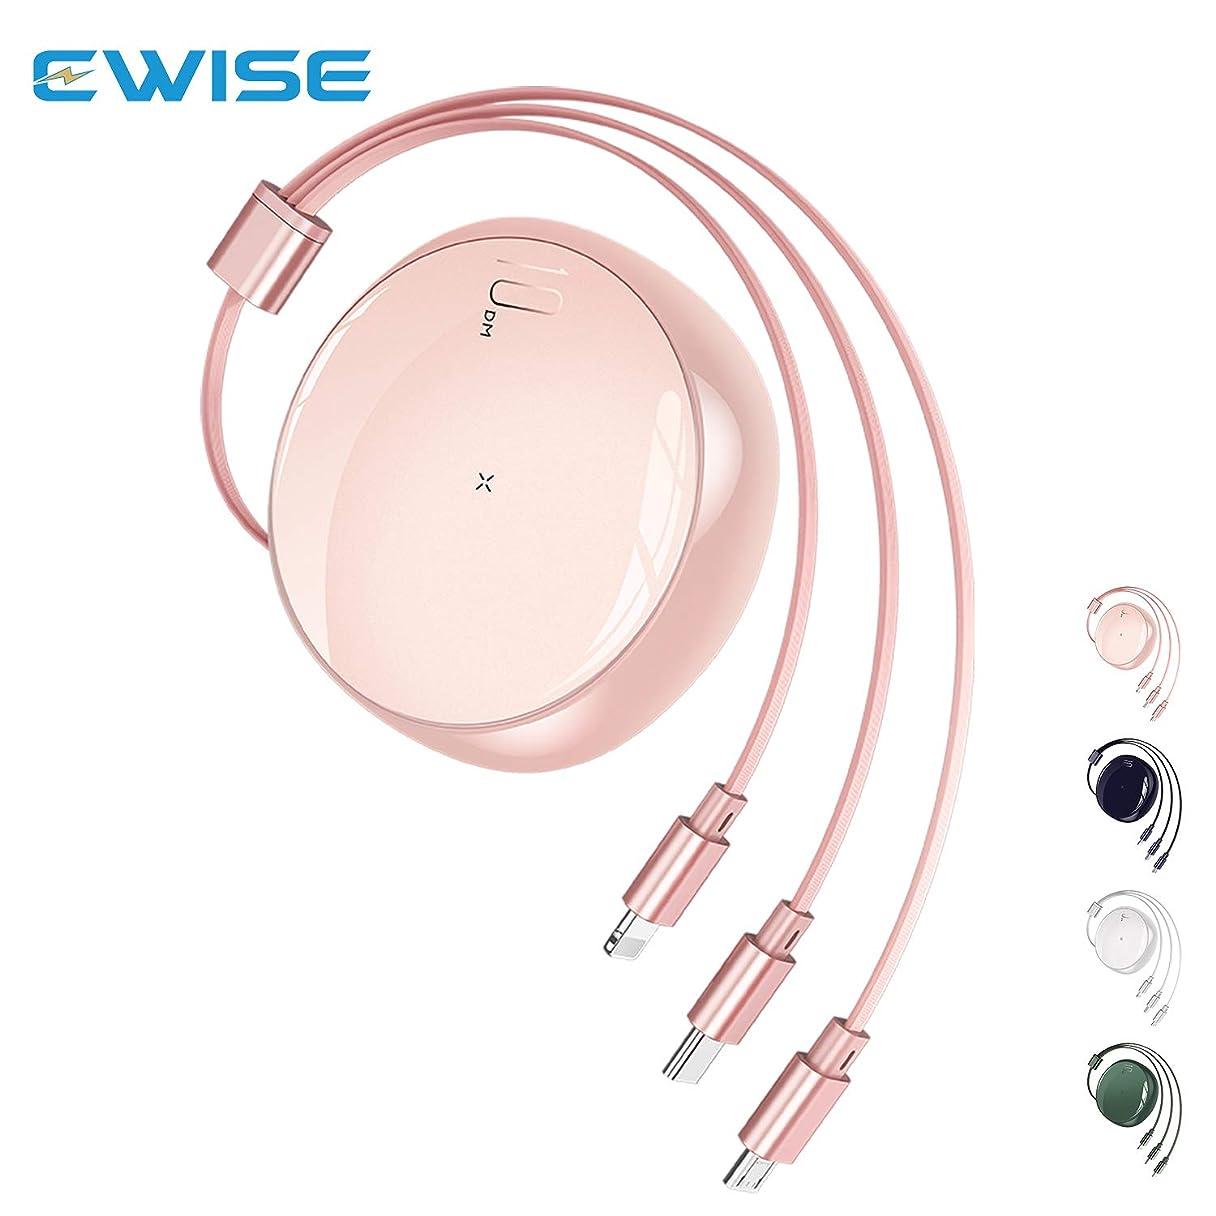 権利を与える送った比べるEwise 巻き取り 充電ケーブル USB Type c micro usb ライトニング ケーブル 3in1 一本三役 急速充電 (ストラップ‐なし, ピンク)